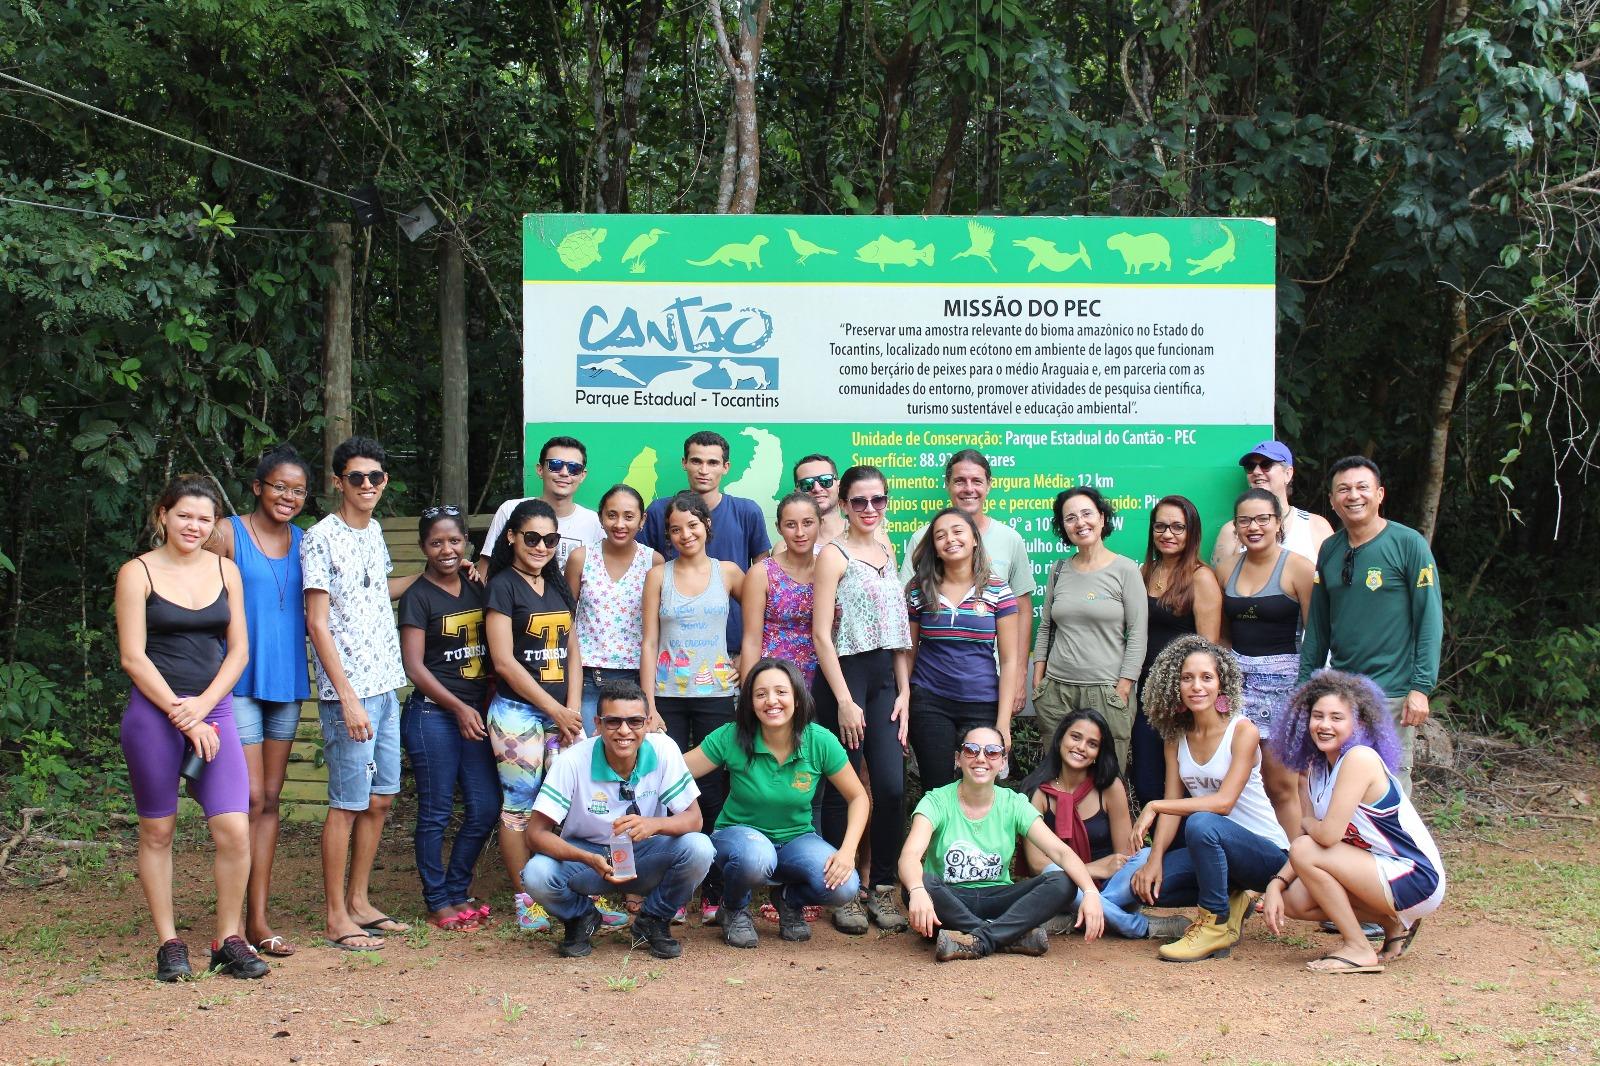 Discentes de Araguaína visitam o Parque Estadual do Cantão